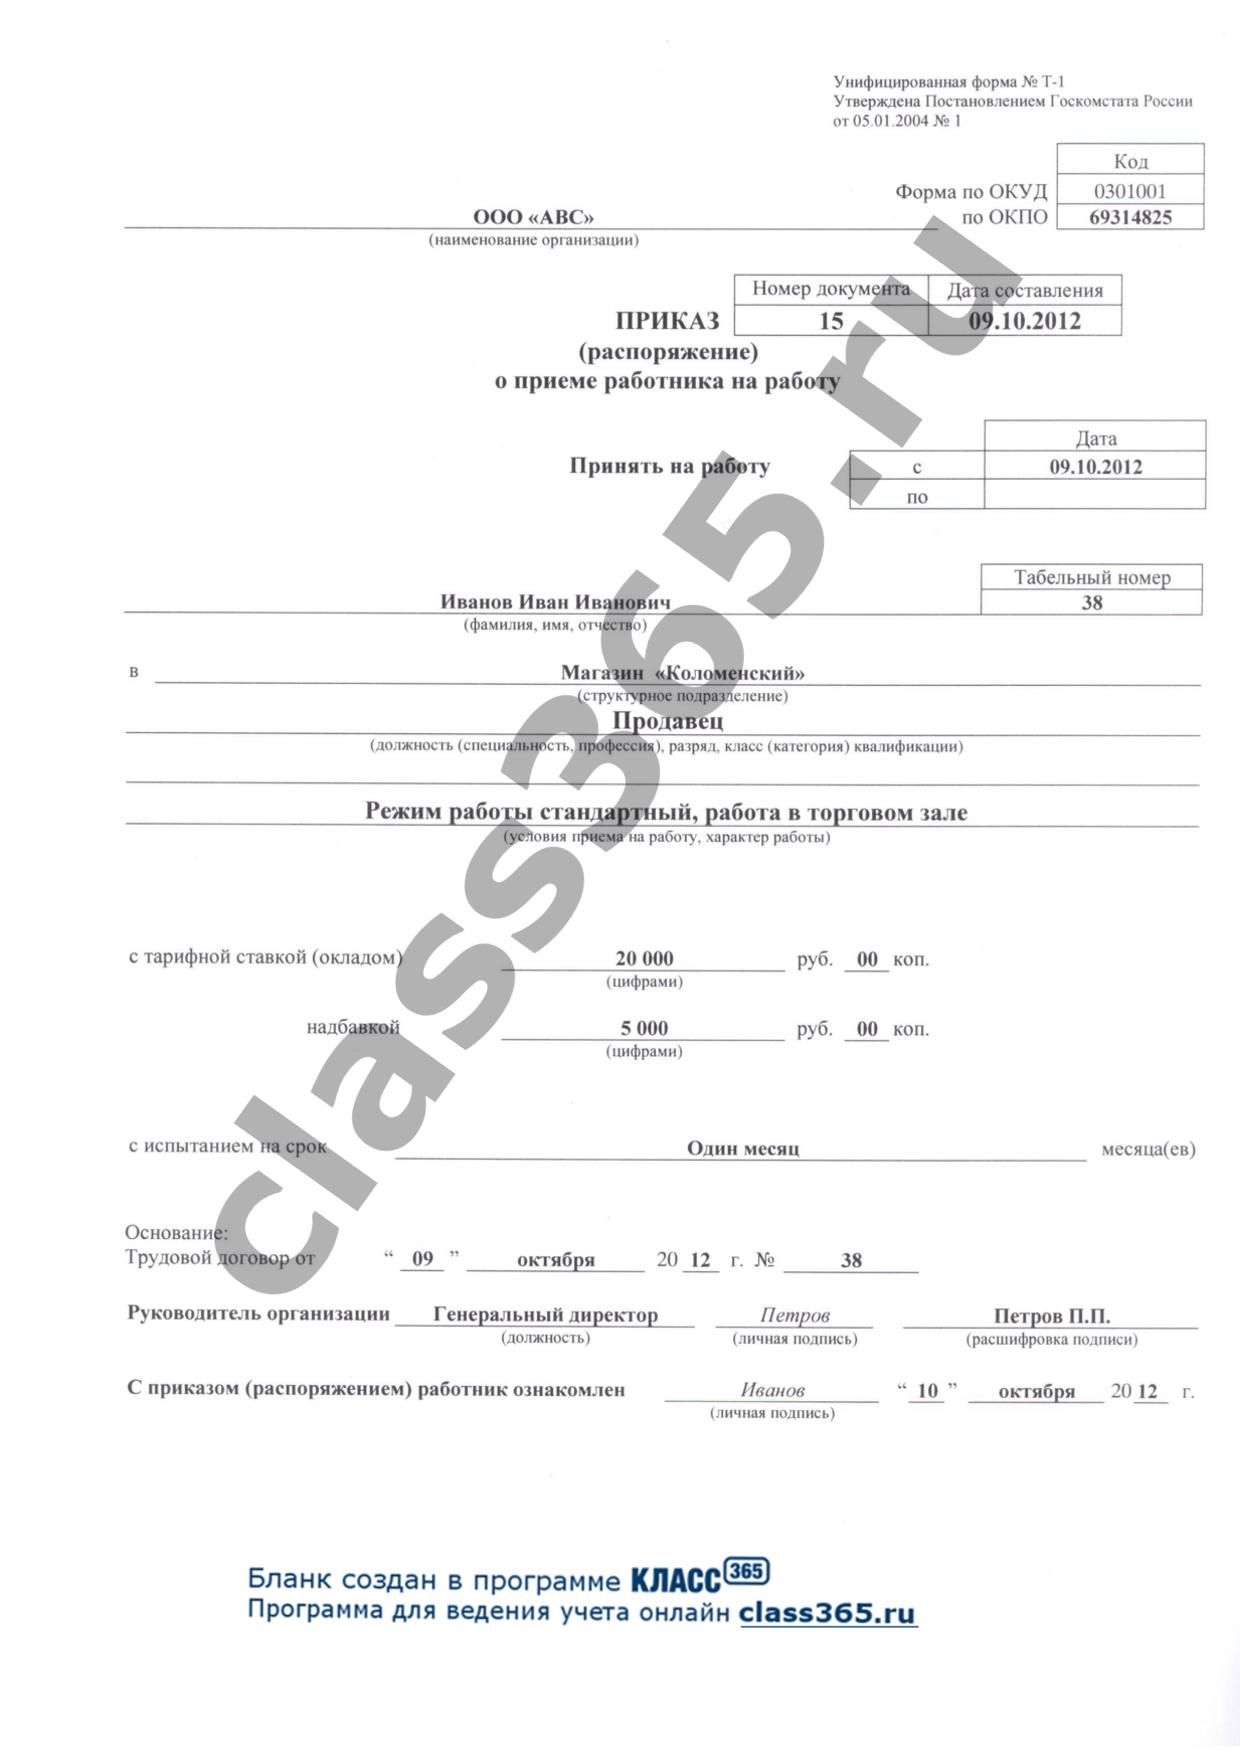 приказ о принятии на работу образец 2012